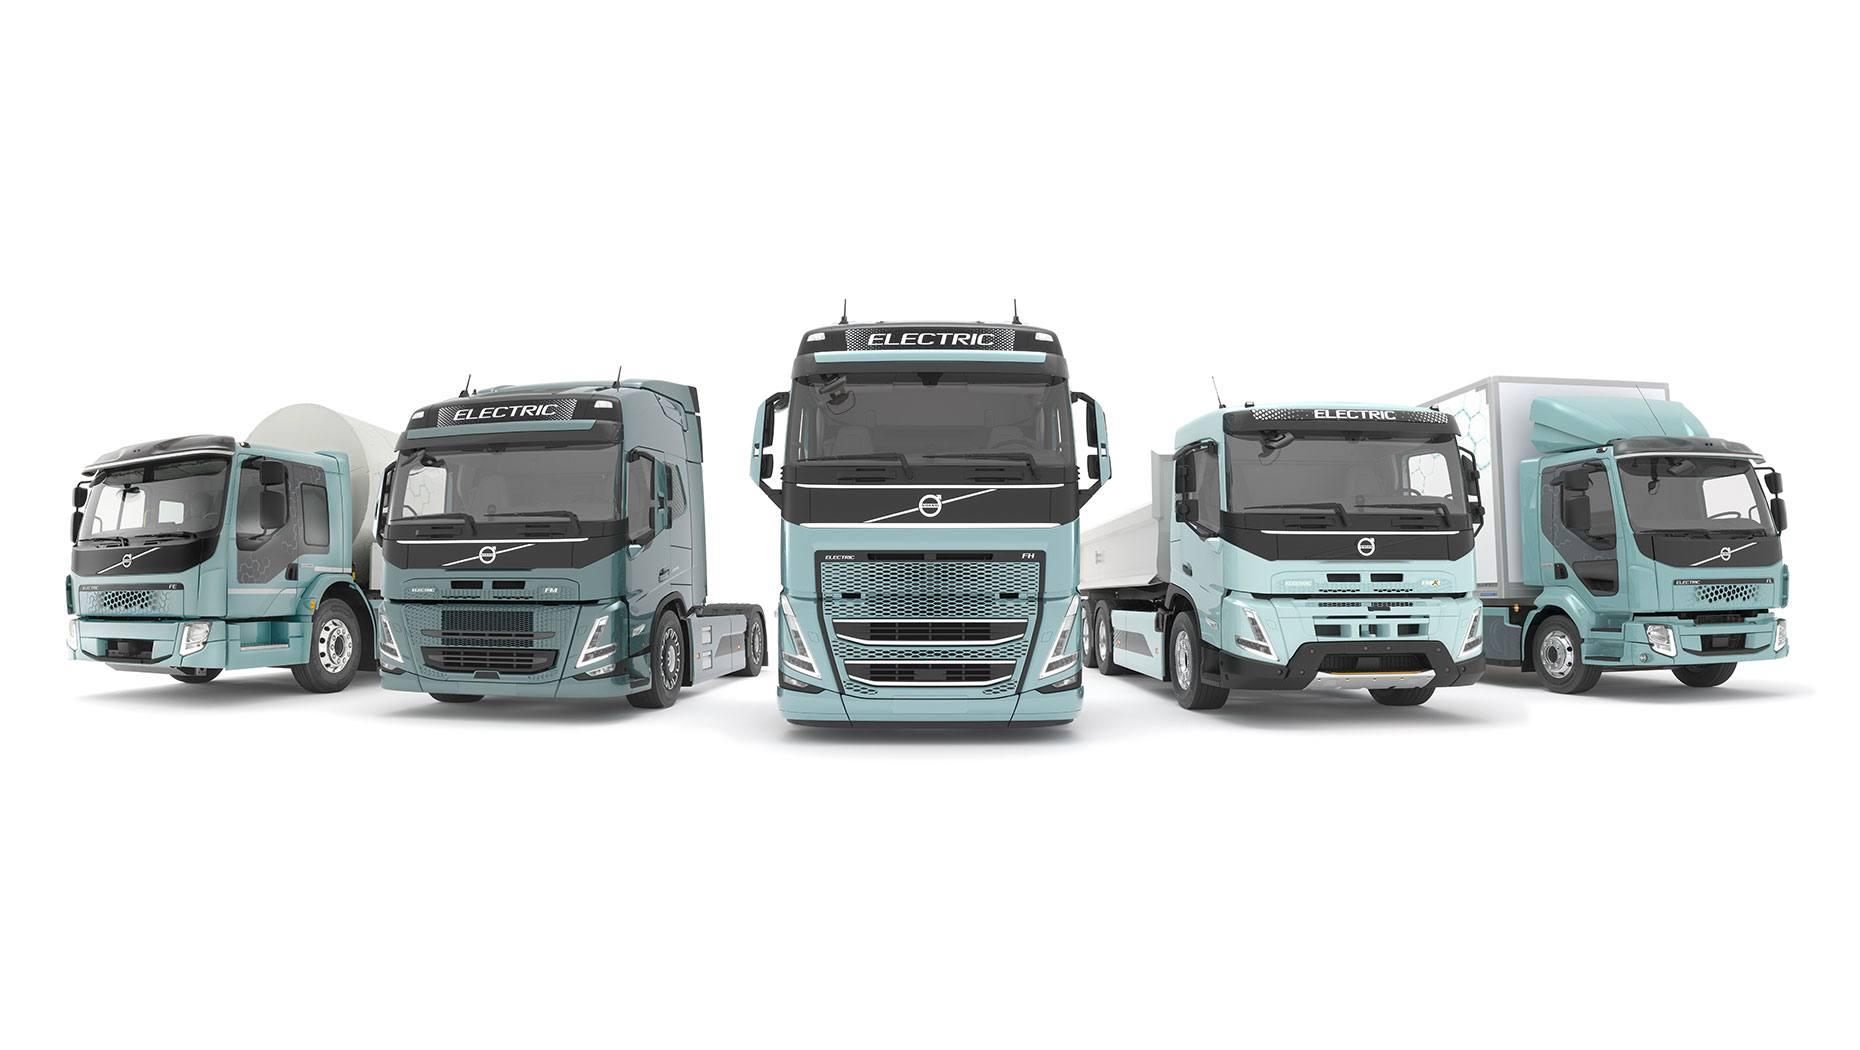 Volvo Trucks lanserer et komplett utvalg av elektriske lastebiler i Europa fra 2021